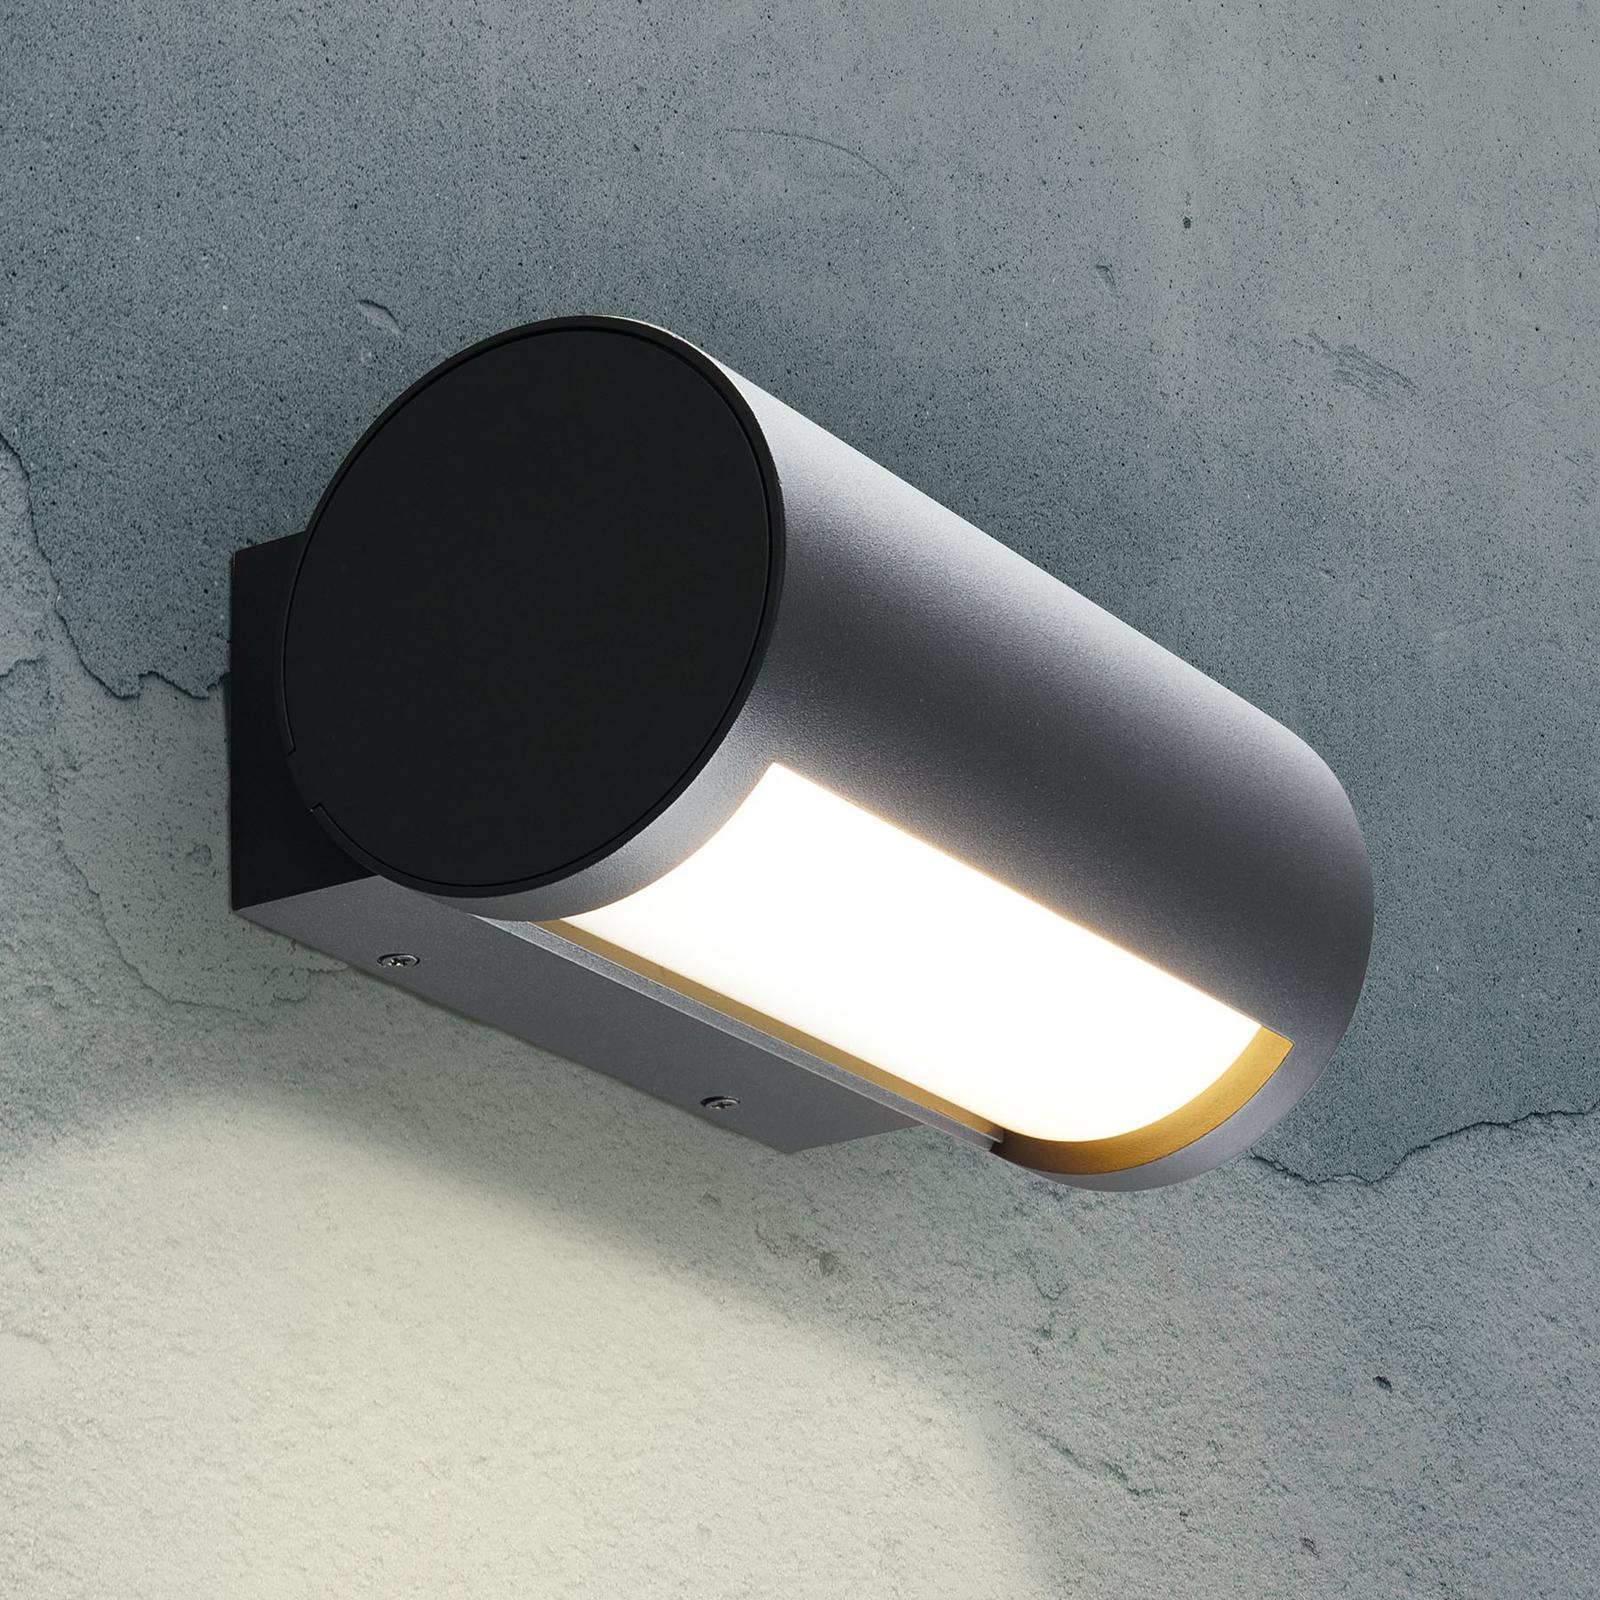 Applique d'extérieur LED Timor, lumière réglable